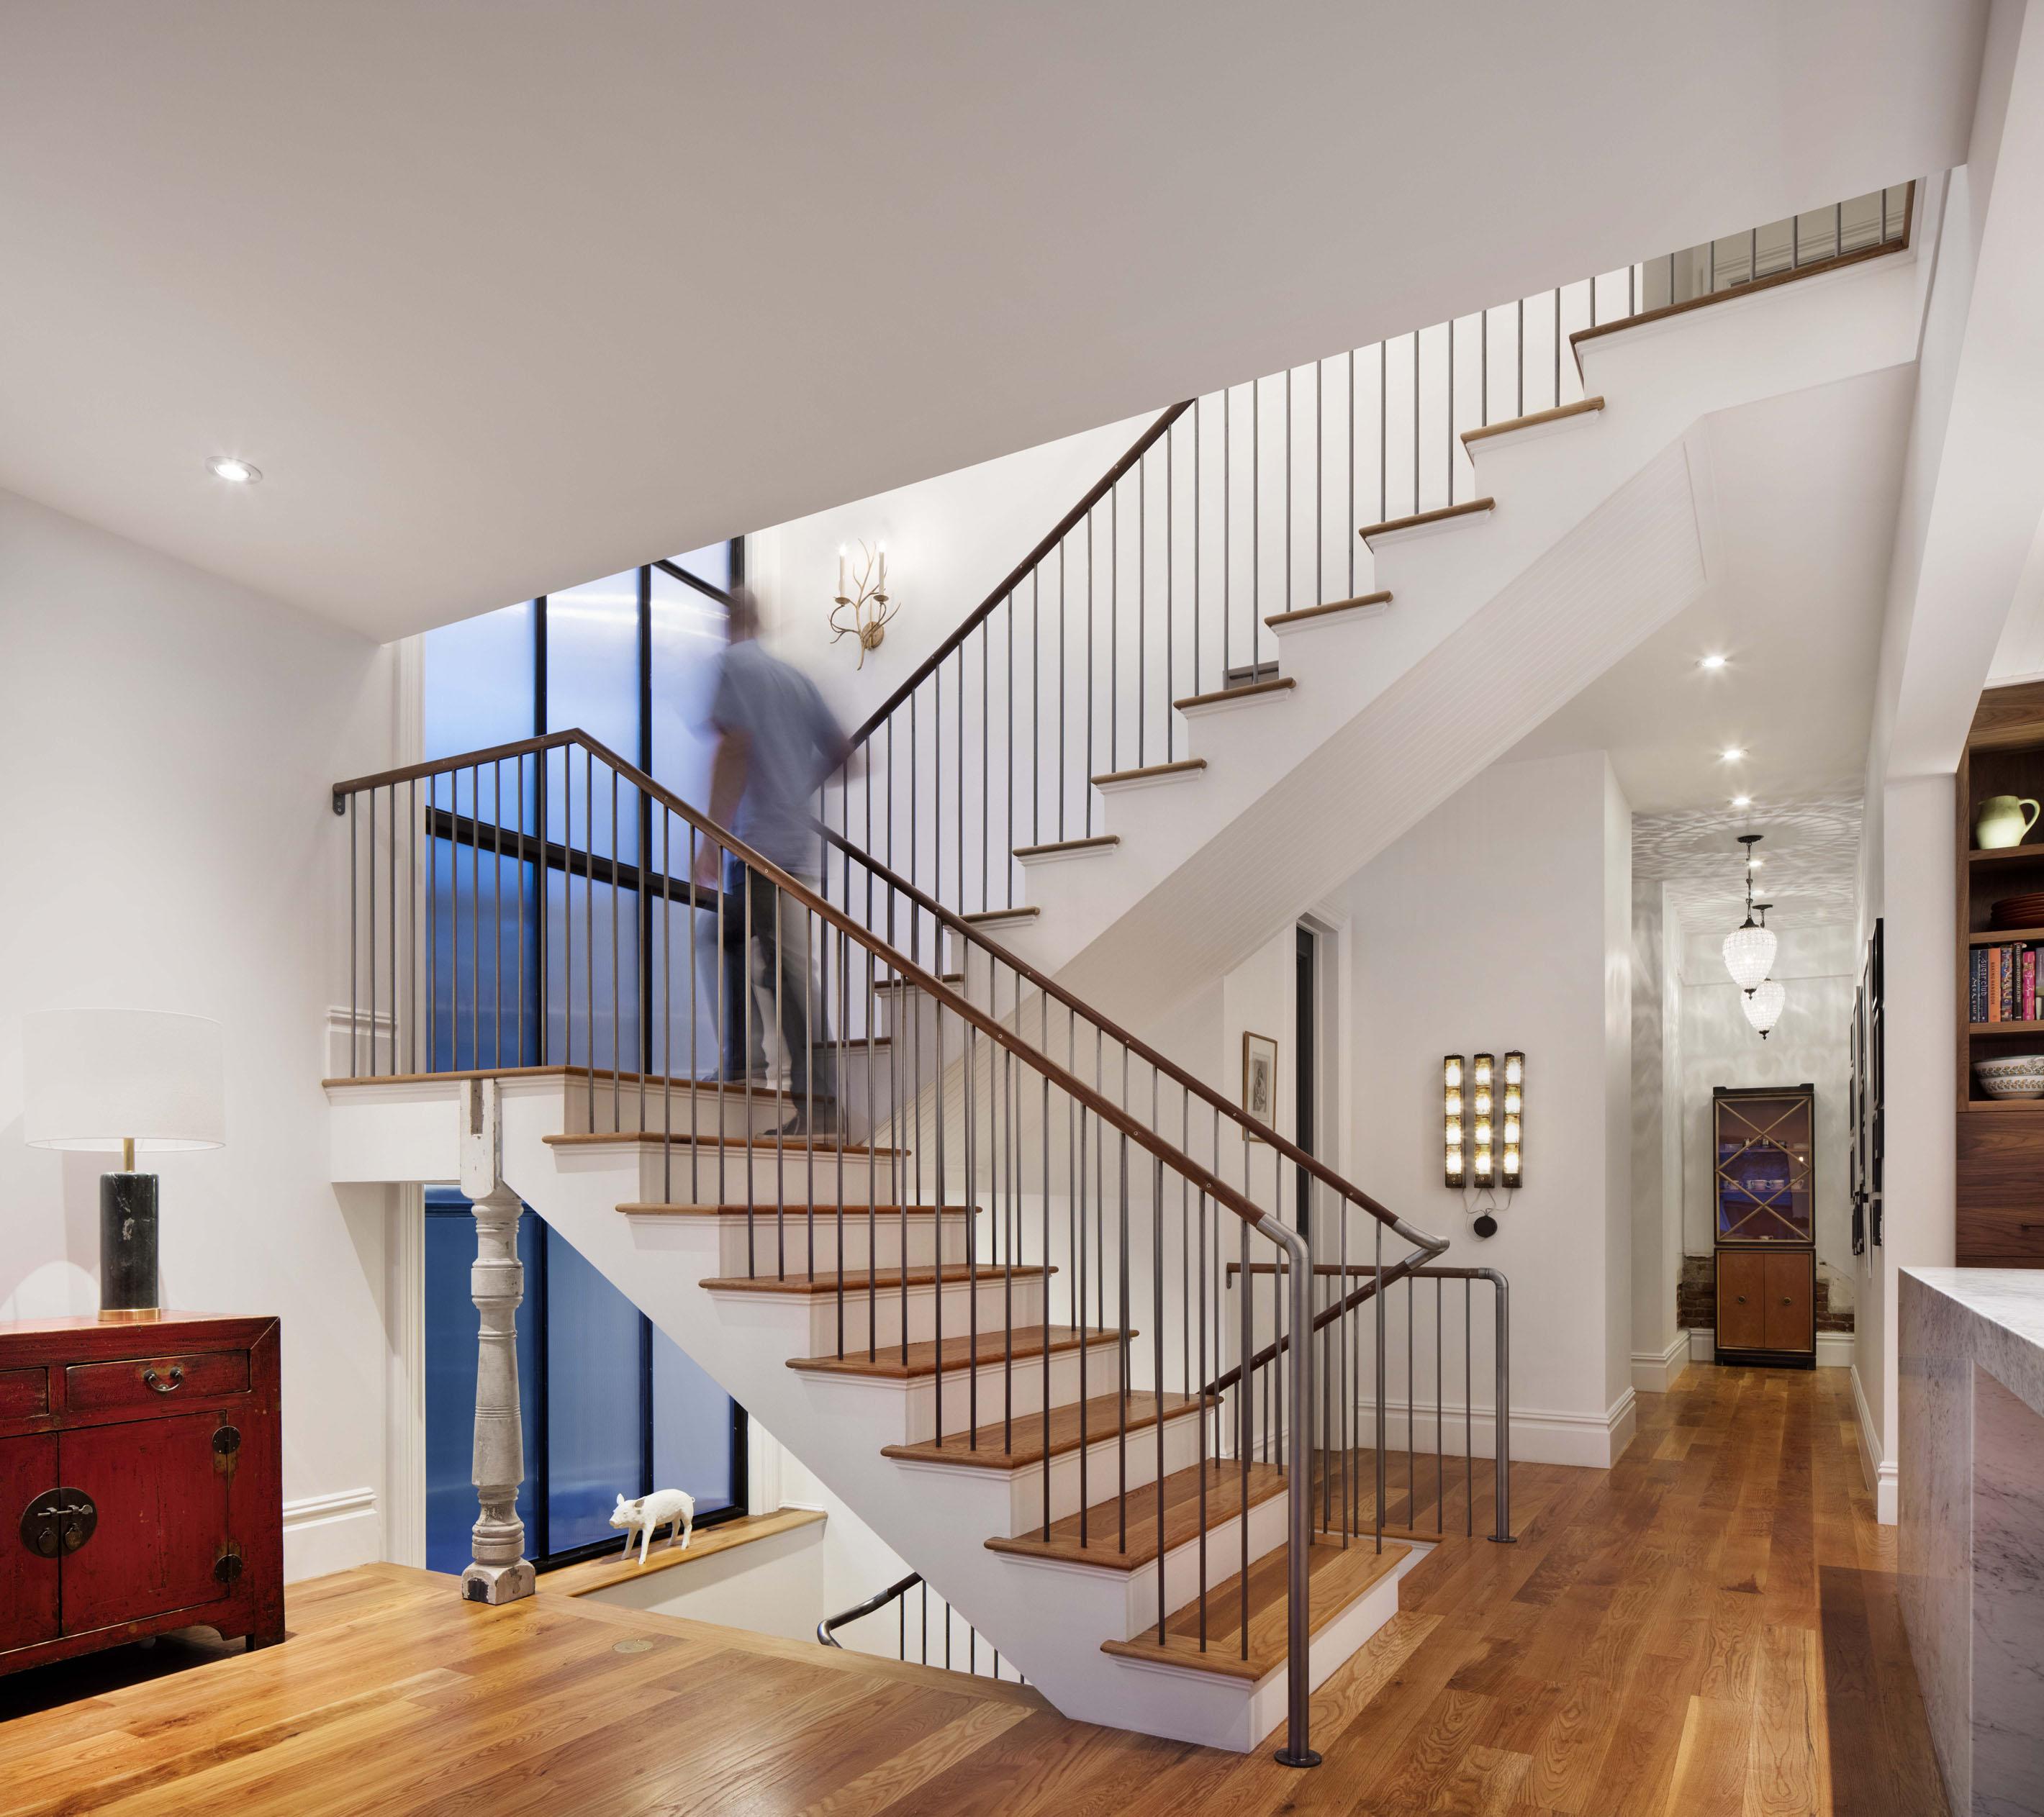 007_Stairs.jpg